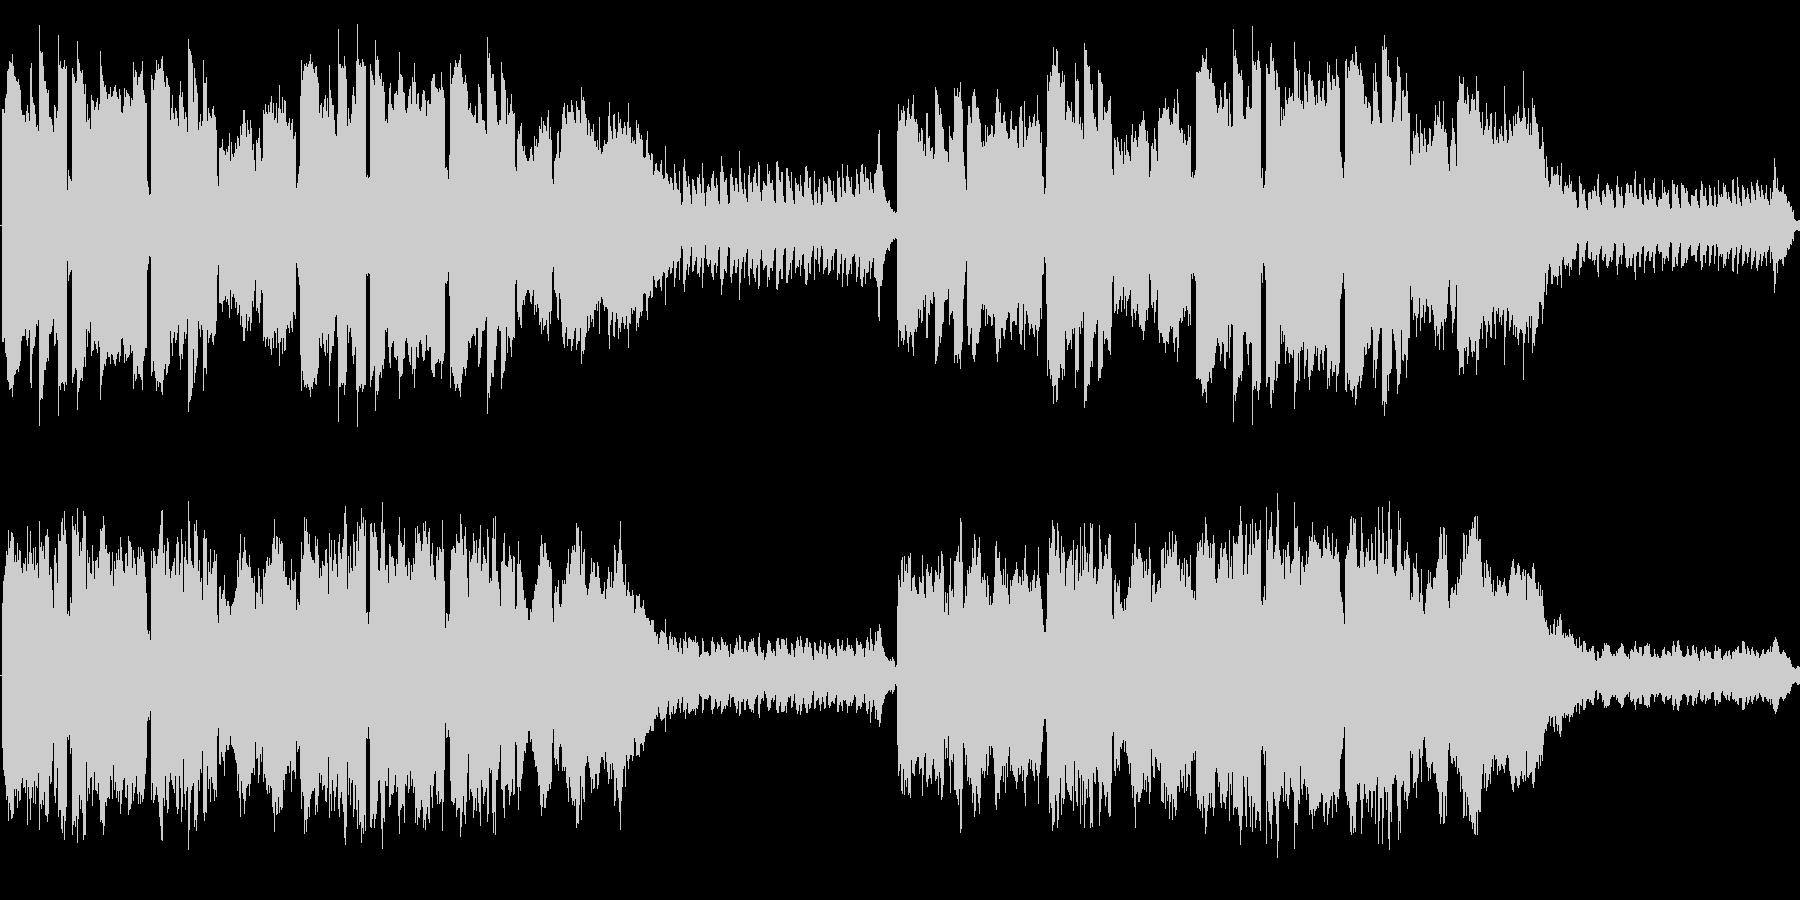 オカリナとギターがメインの温かでほのぼ…の未再生の波形